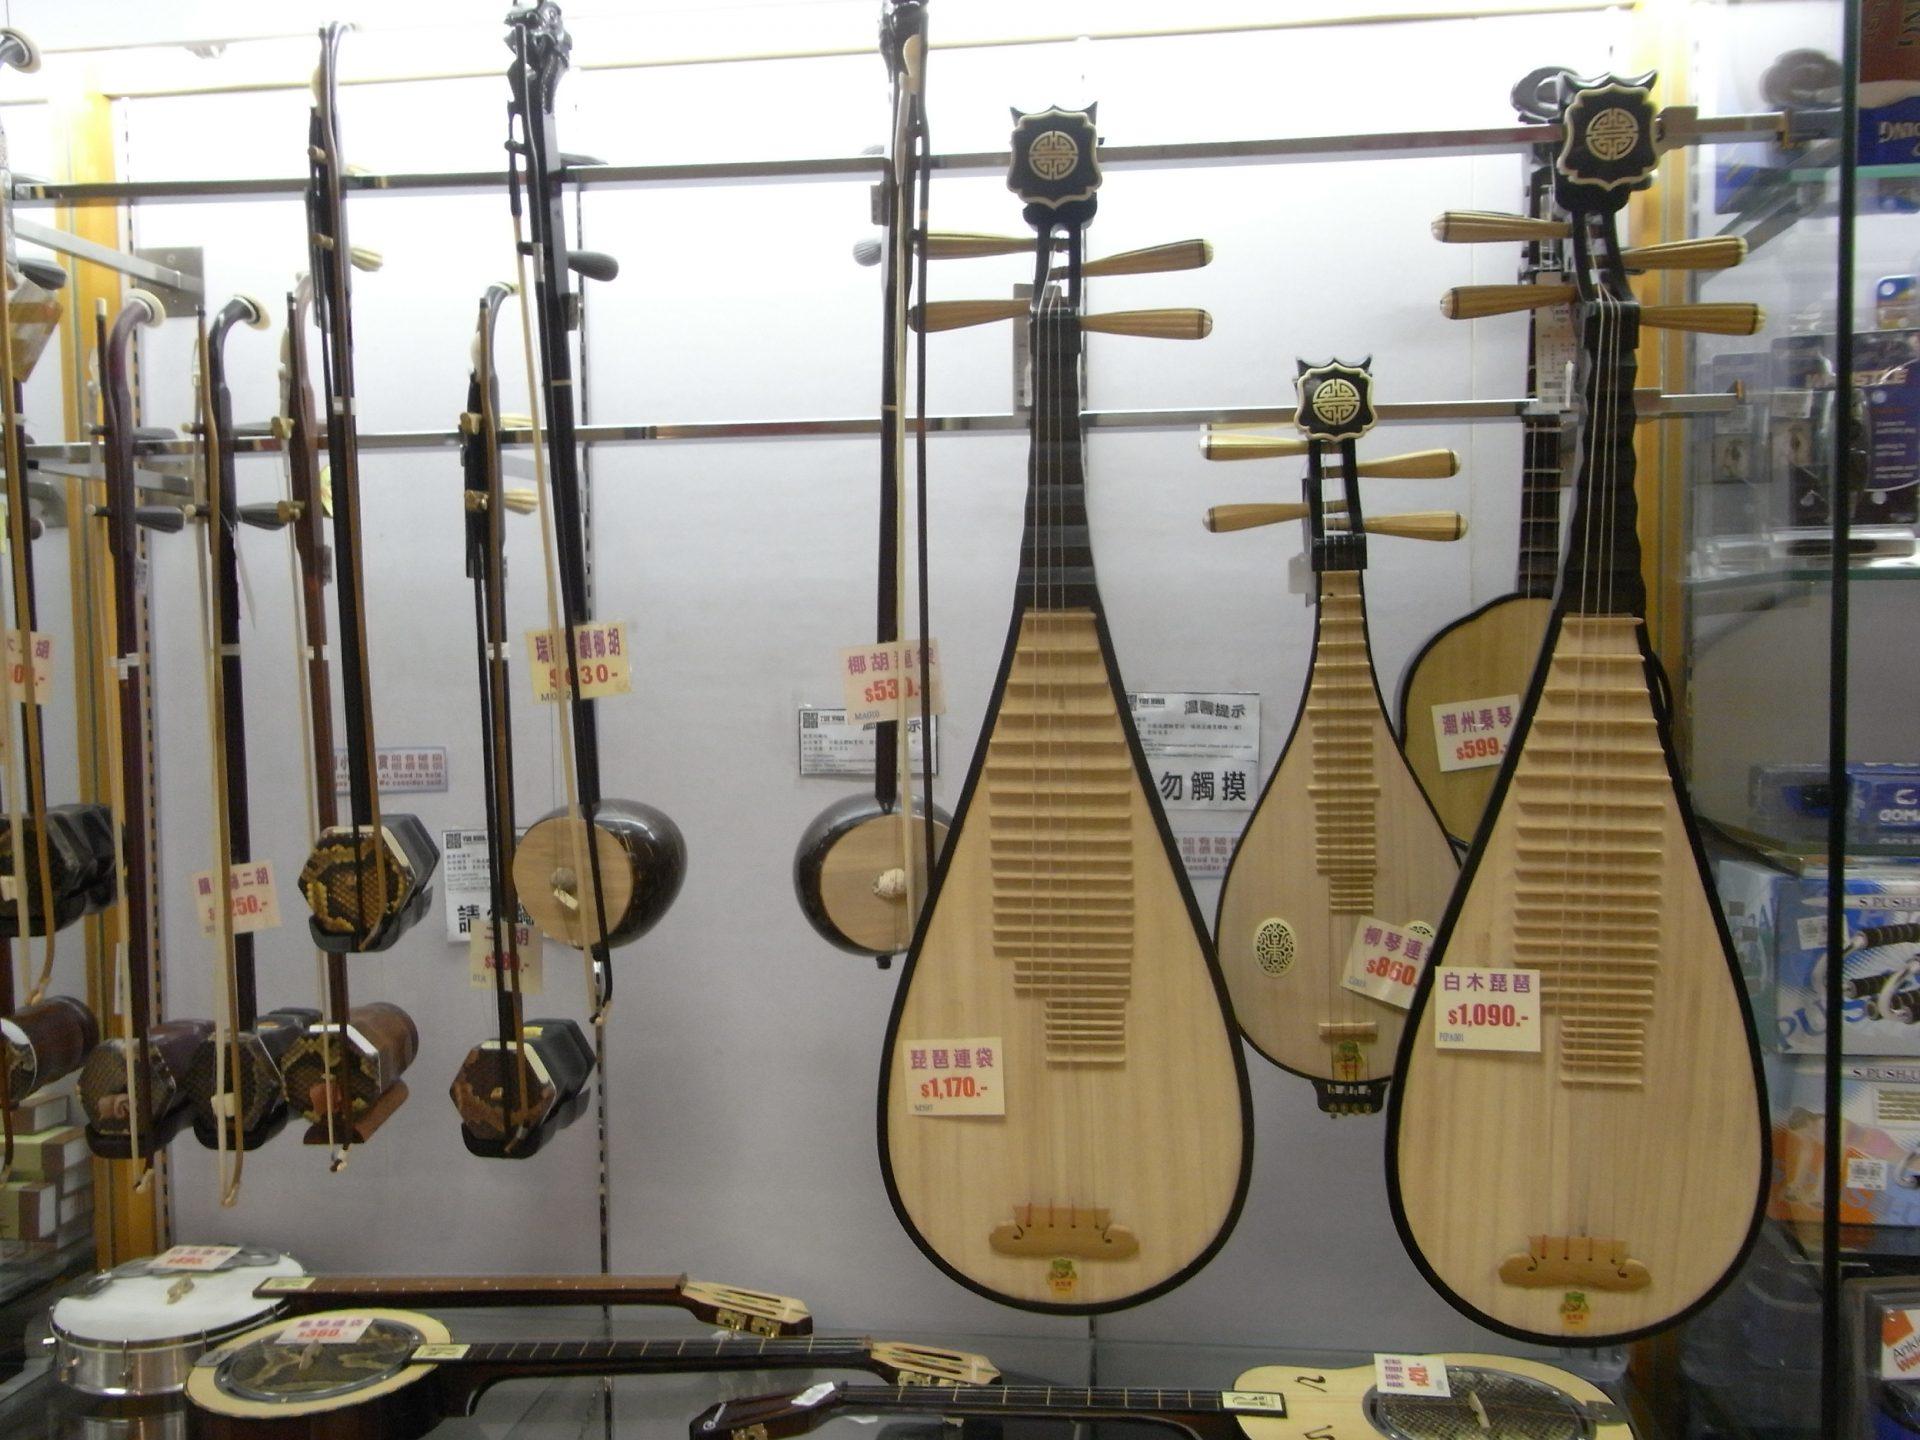 OSMANLI MUSiKİSİ ÇALGI ÇEŞİTLERİ VE MÜZIK ALETLERI SINIFLANDIRILMASI çalgıları Musiki Aleti çalgısı çal Music Nota Nedir Ne Demek Bilgisi Instrument Türk